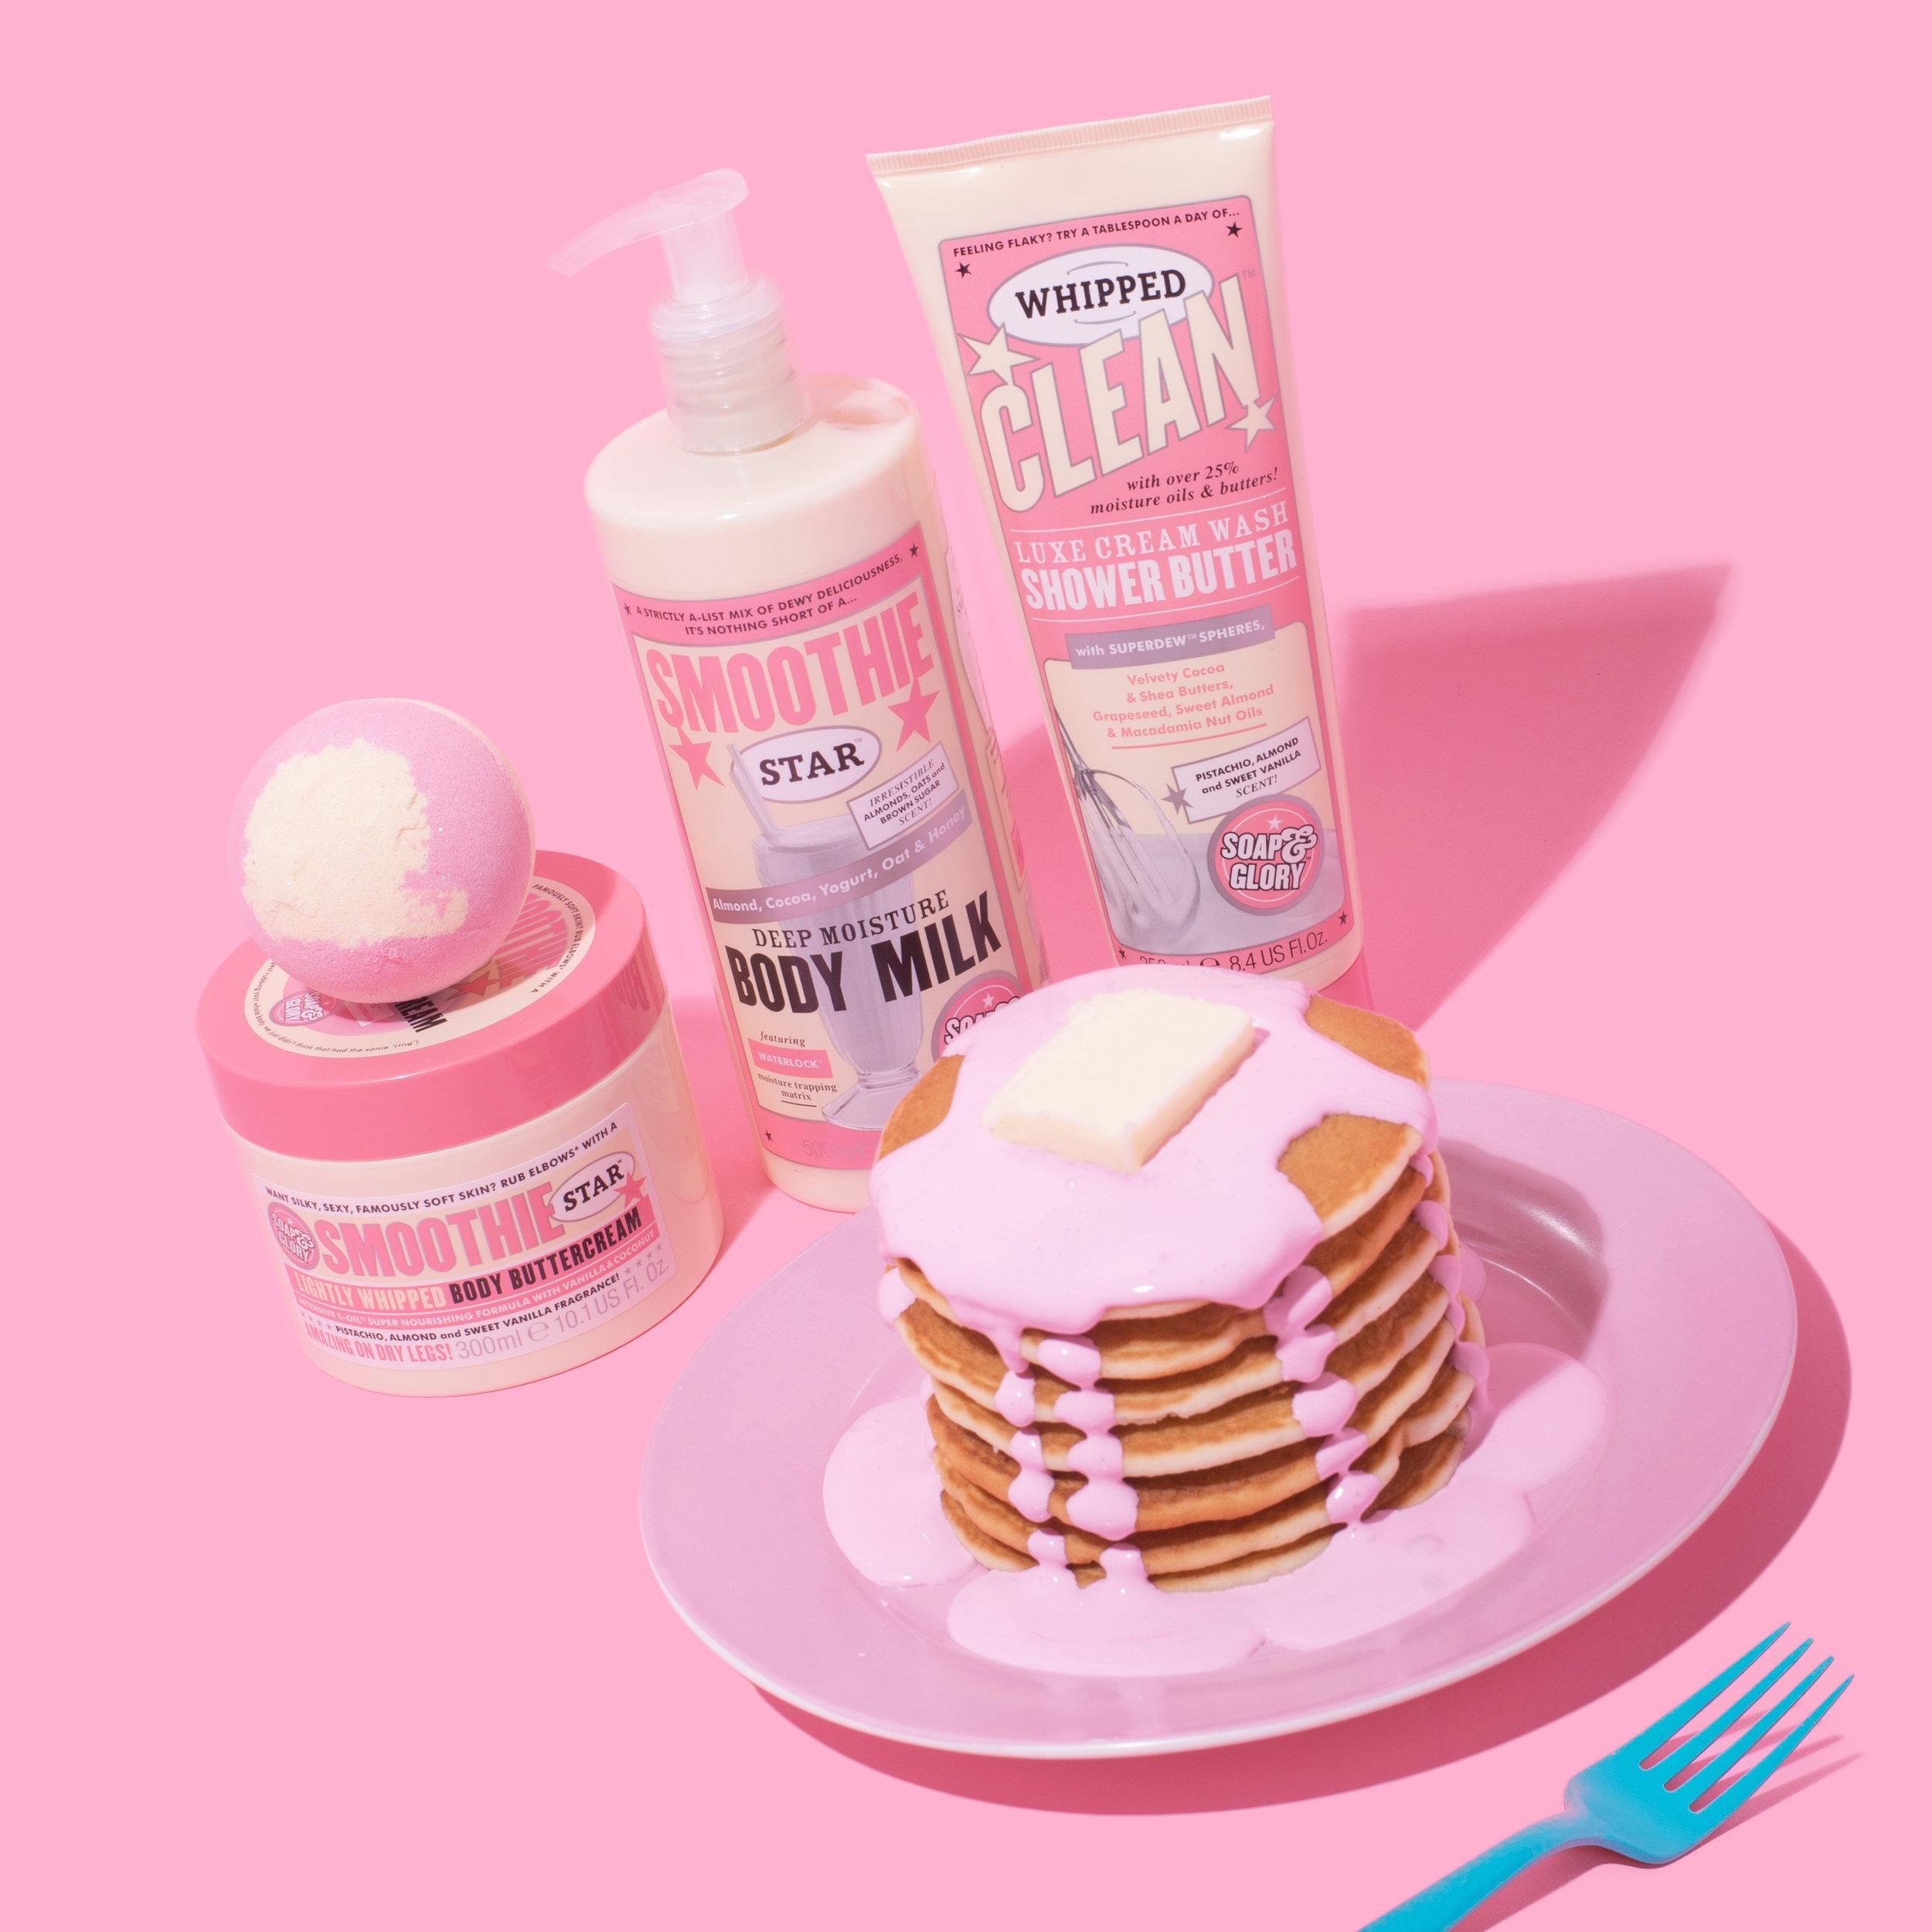 S+G Smoothie Star Pancake Set 3.2D.jpg